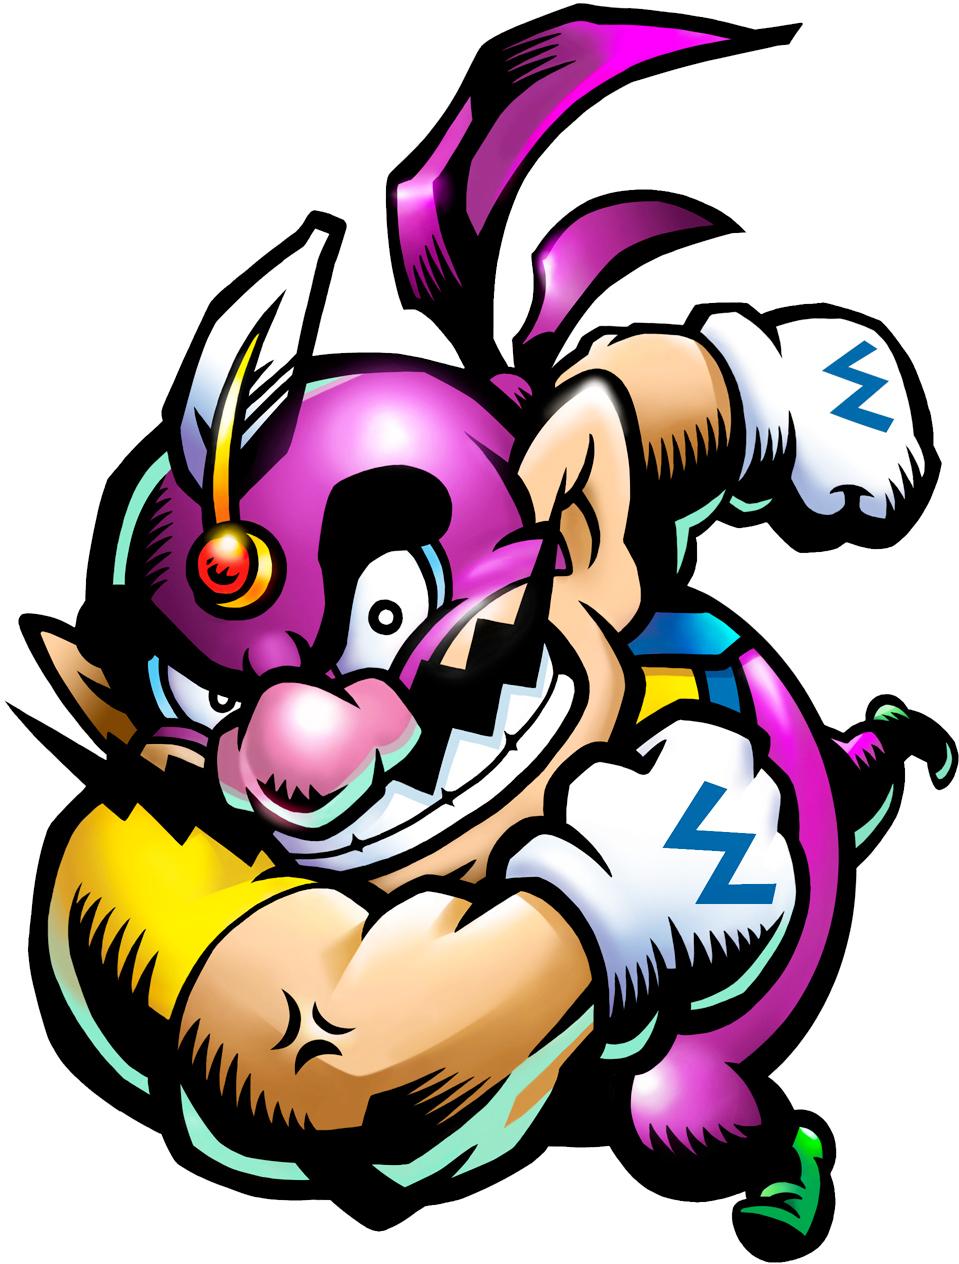 Wario: Master of Disguise - Super Mario Wiki, the Mario